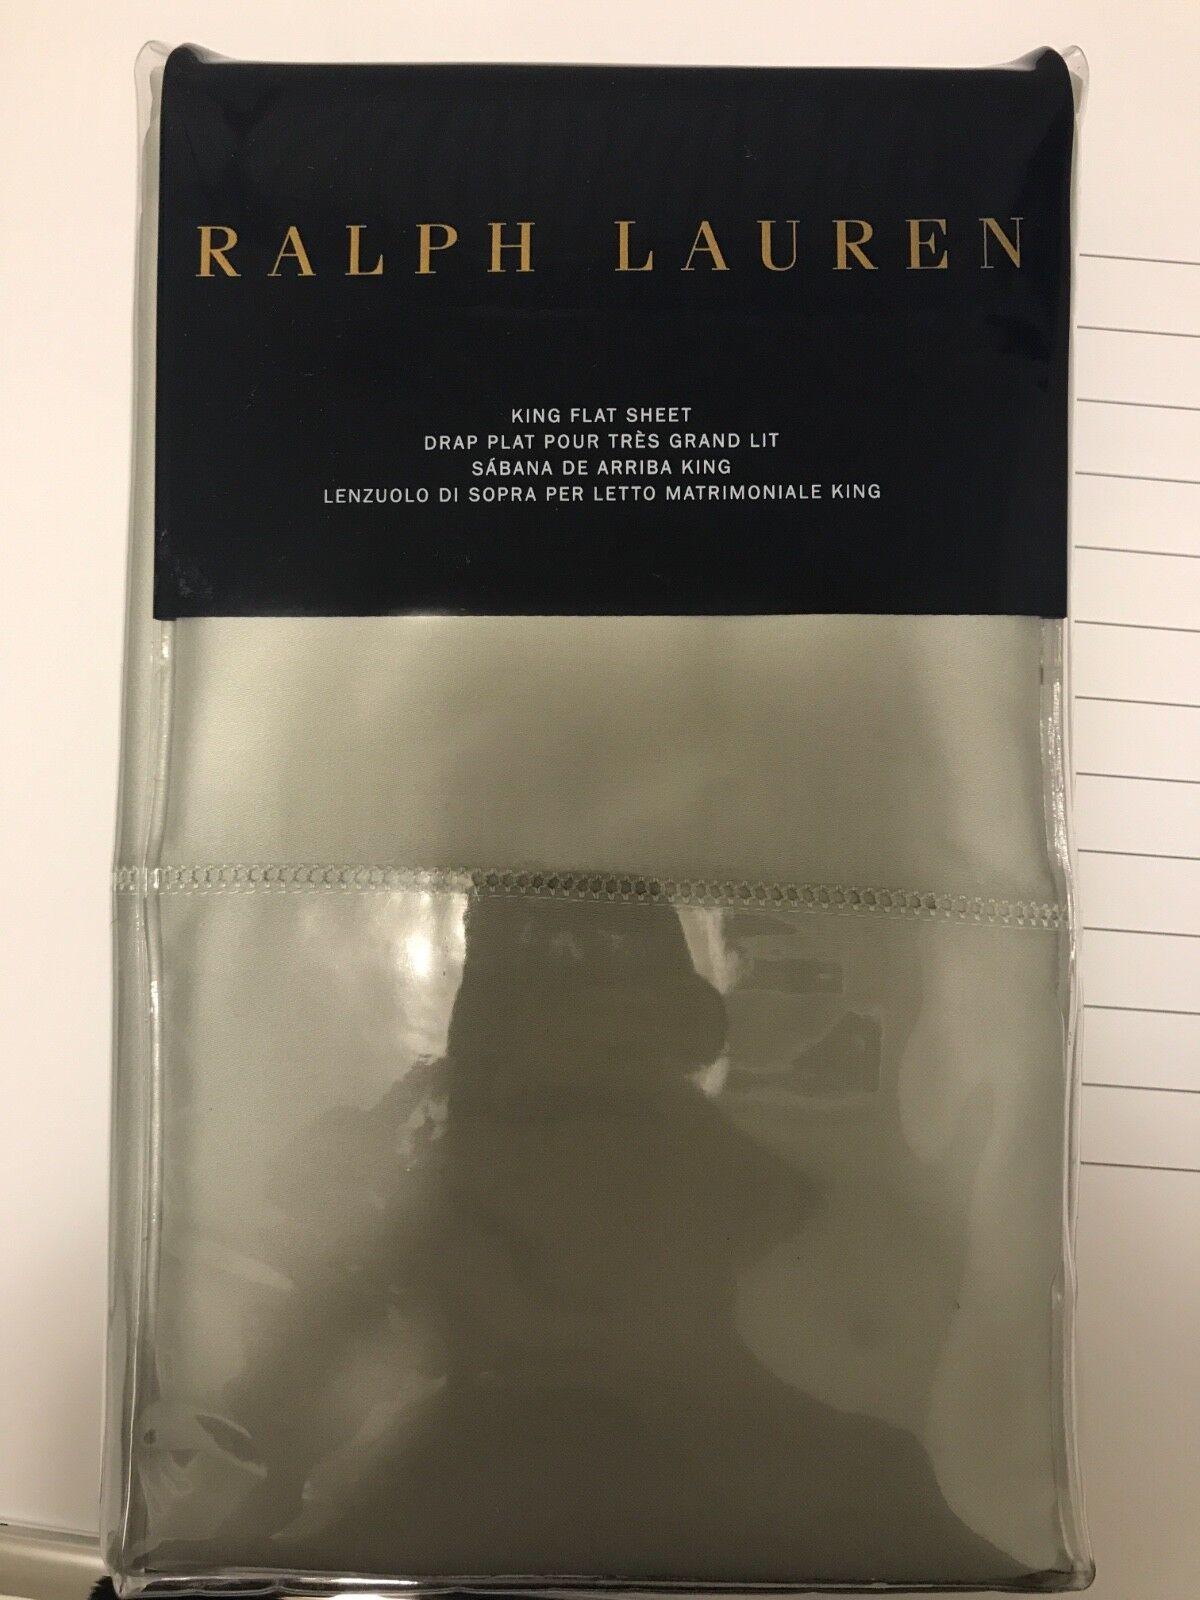 NEW King Flat Sheet - Ralph Lauren - Antique Jade - 100% Cotton